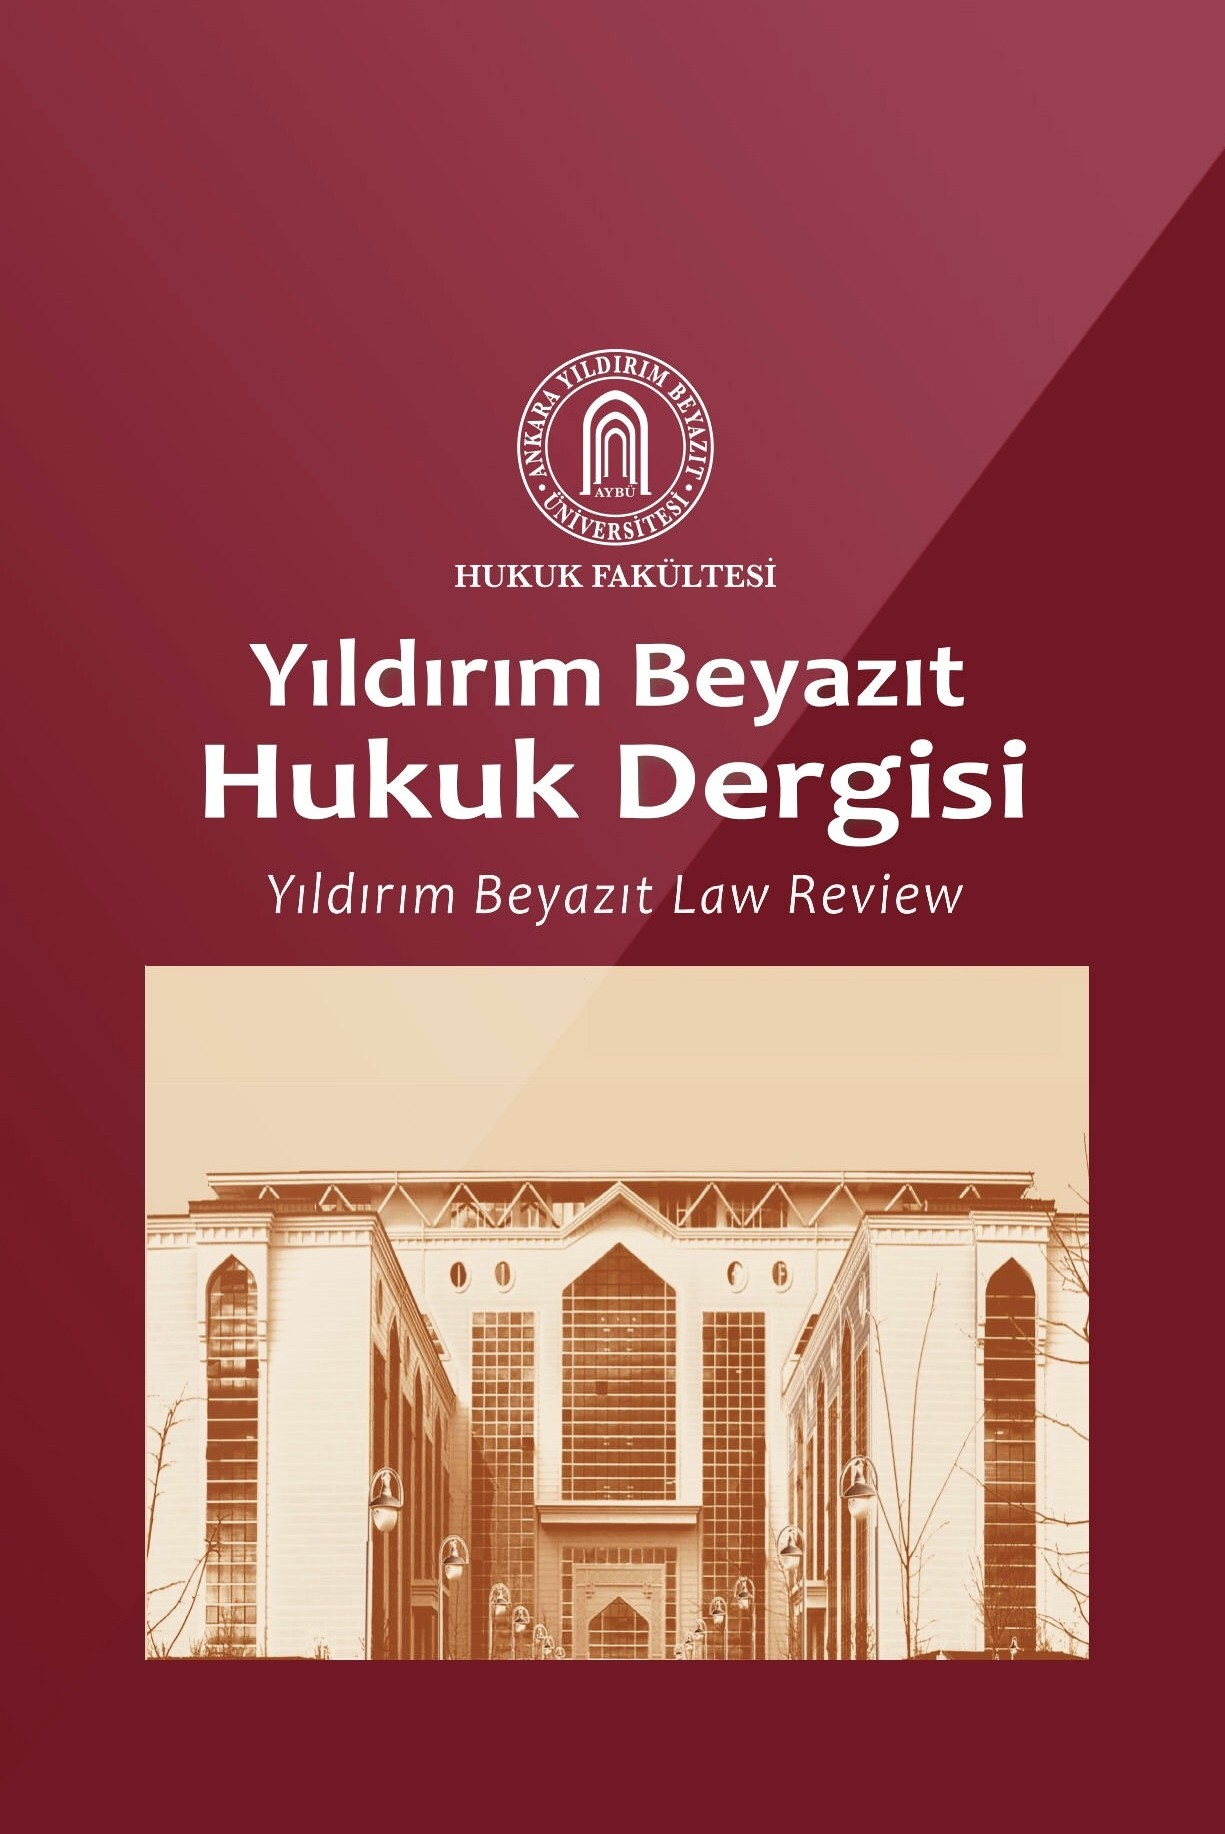 Yıldırım Beyazıt Hukuk Dergisi